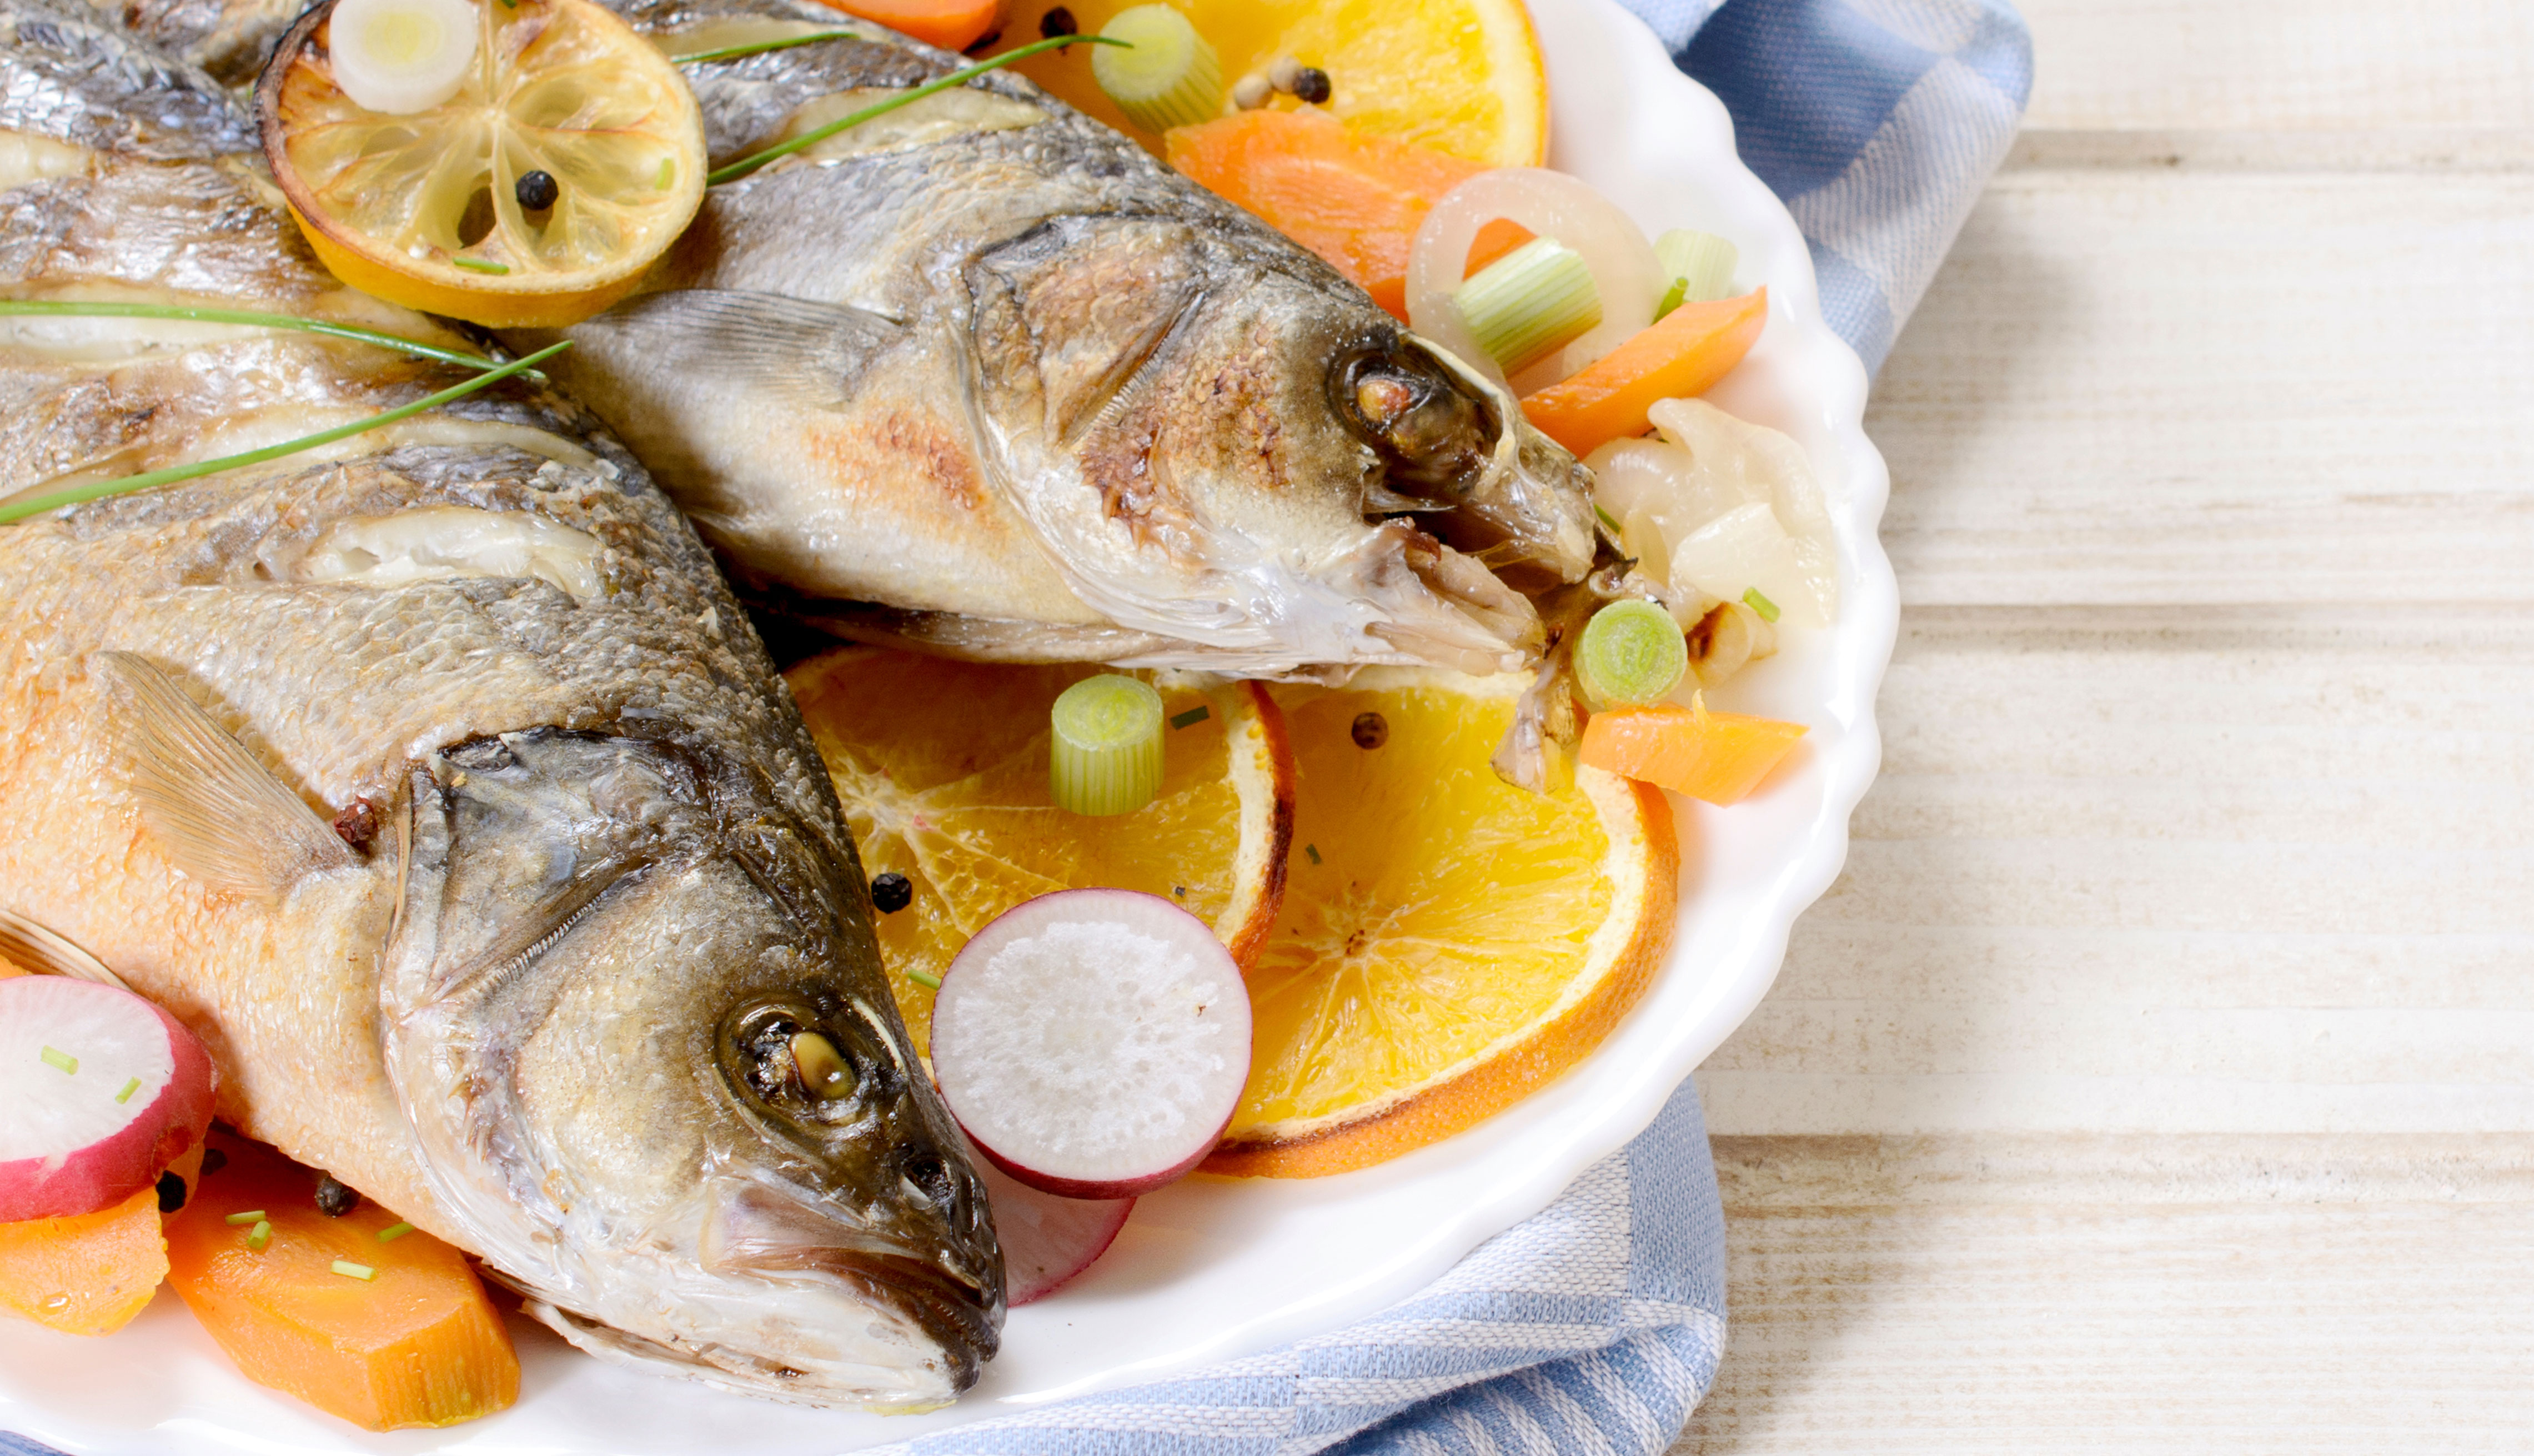 comida que puedes comer en ayunas intermitentes